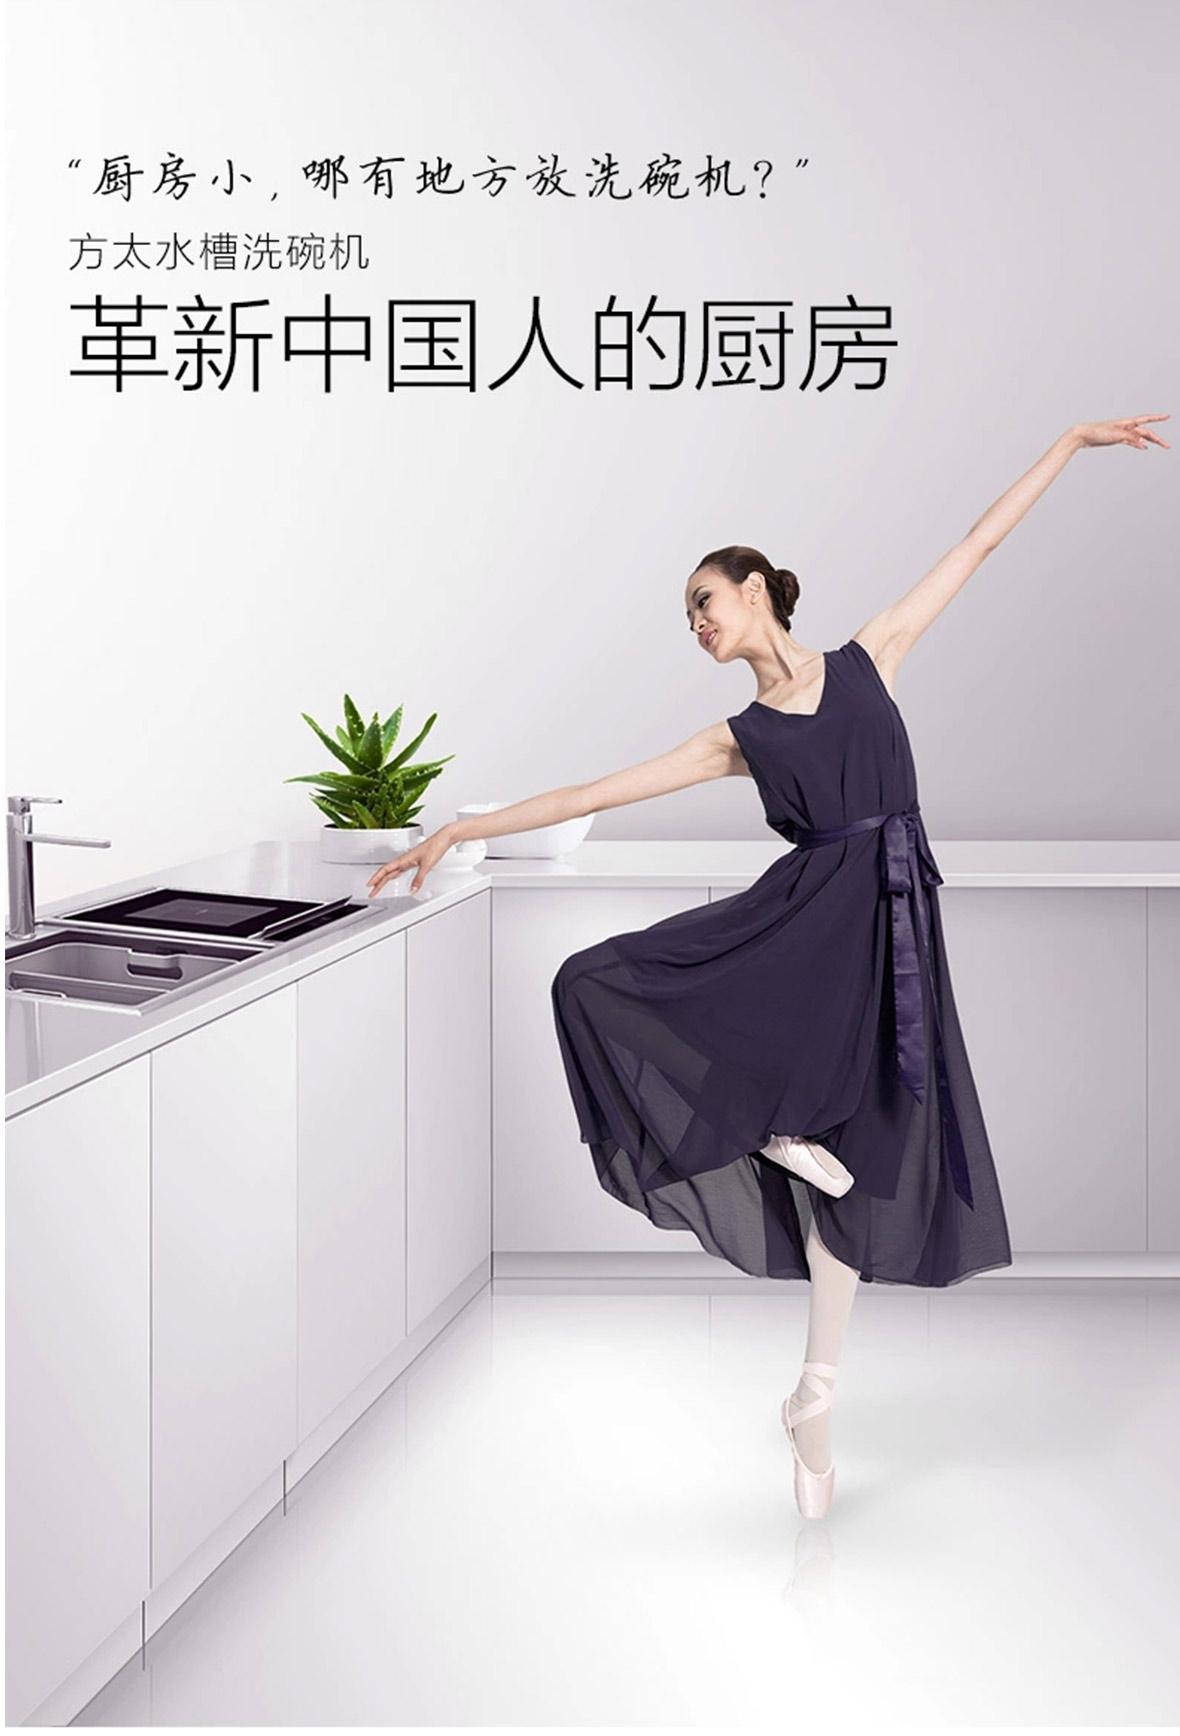 方太水槽洗碗机 嵌入式 JBSD2T-Q1型号 果蔬净化机跨界三合一